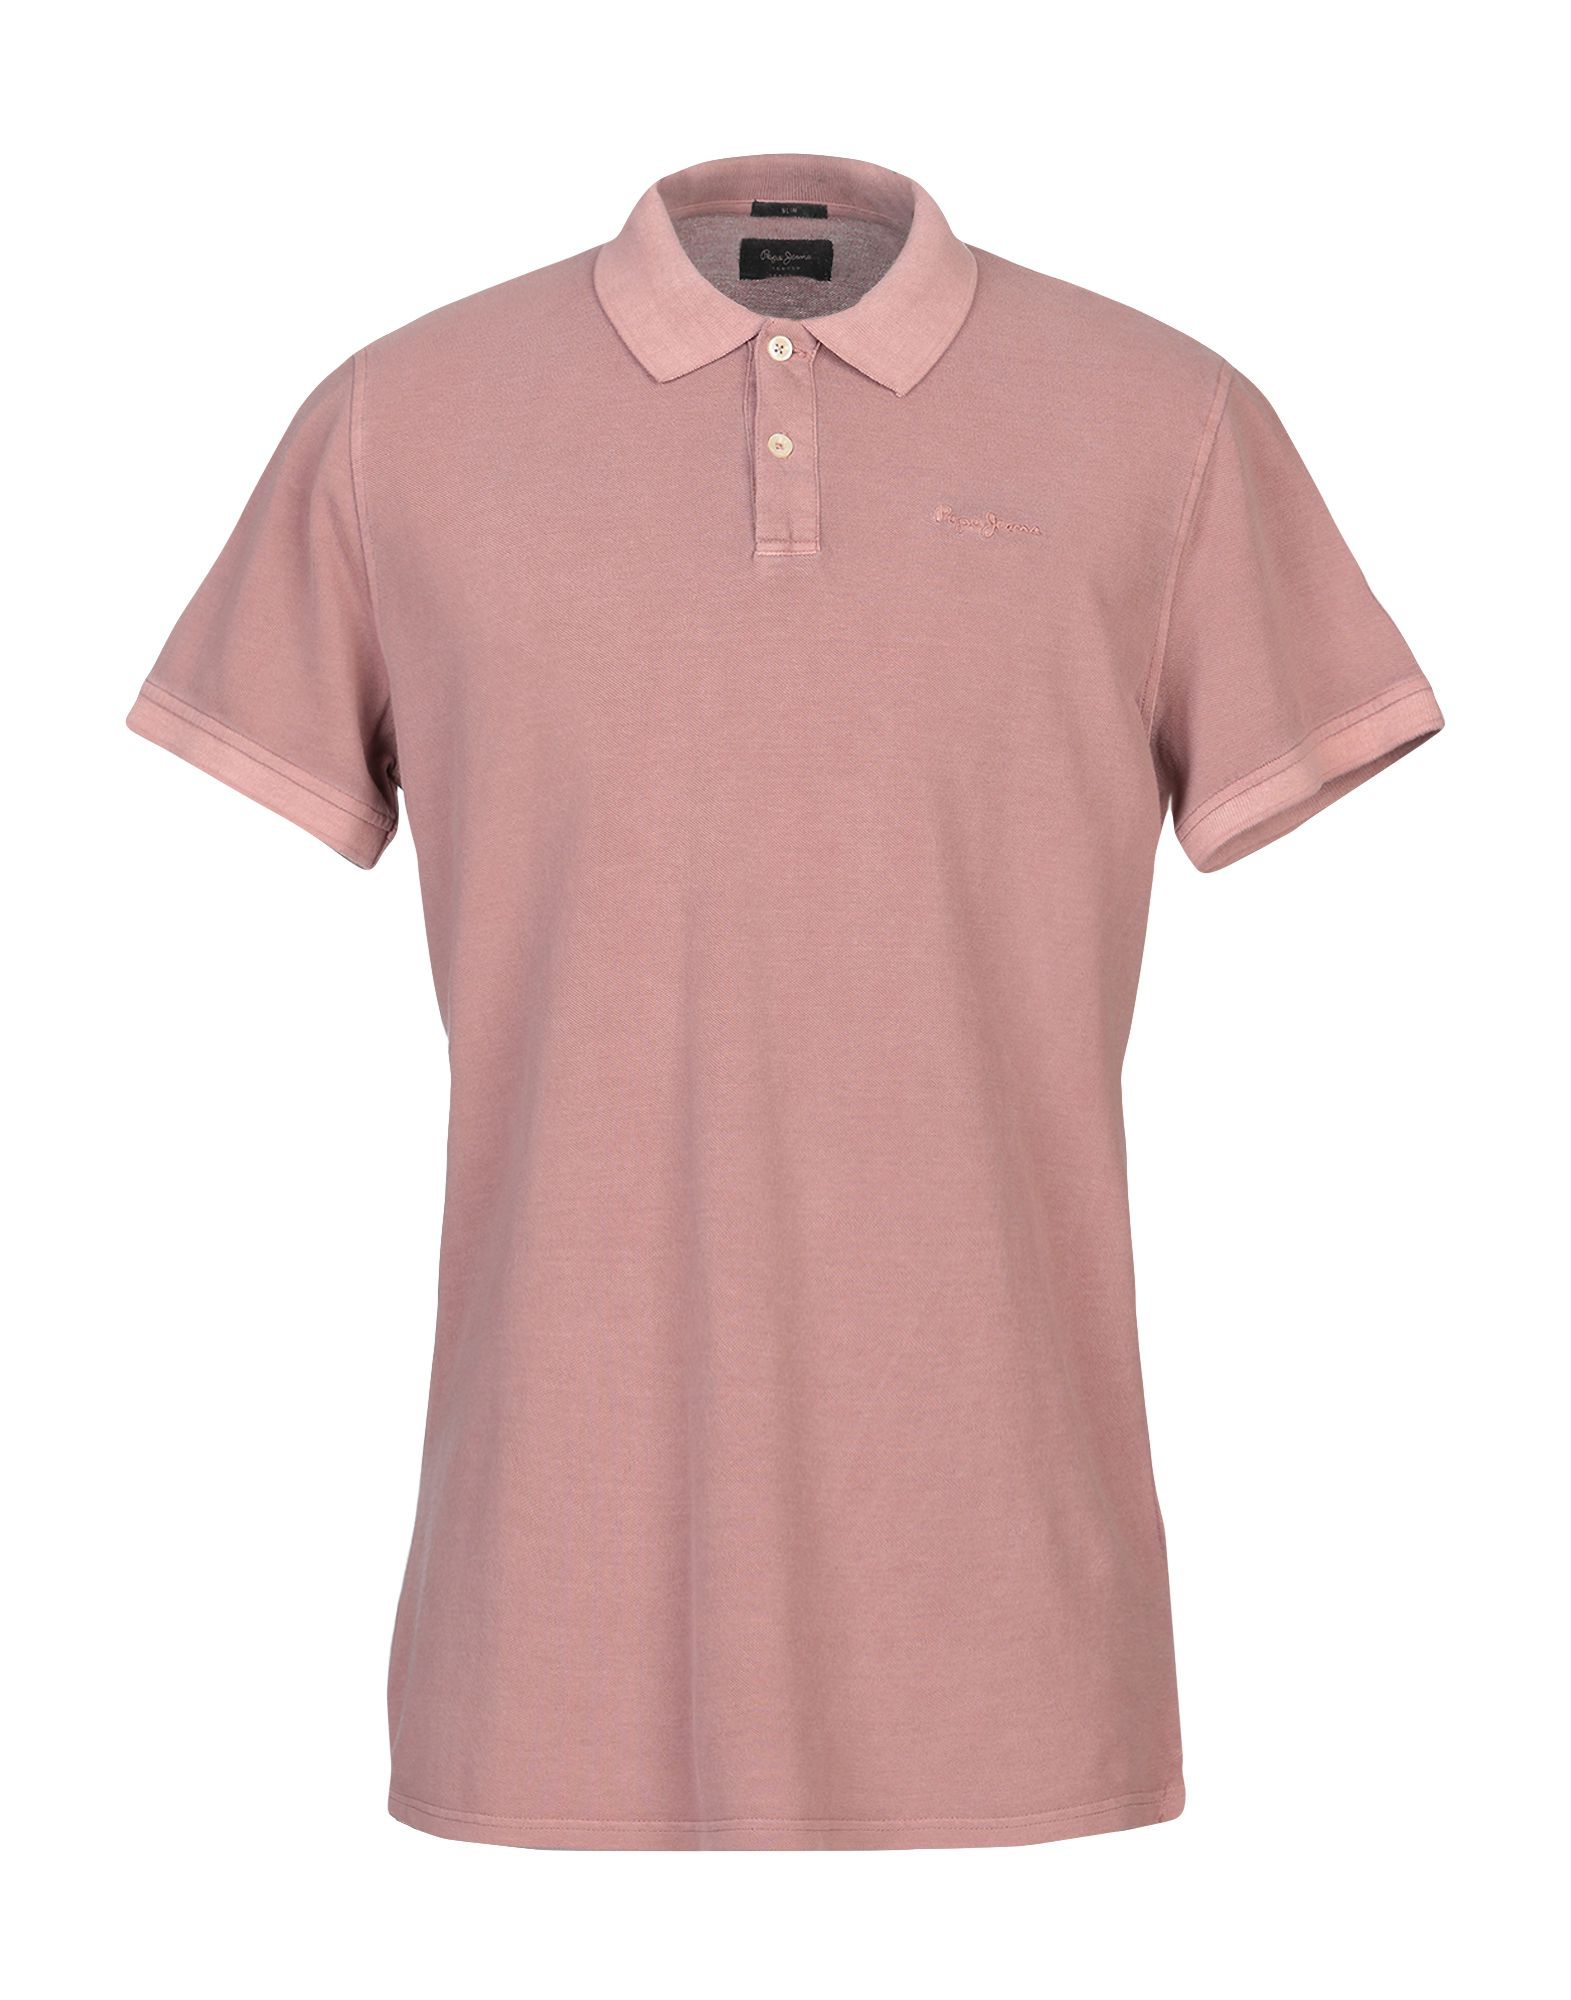 《送料無料》PEPE JEANS メンズ ポロシャツ ローズピンク XS コットン 100%